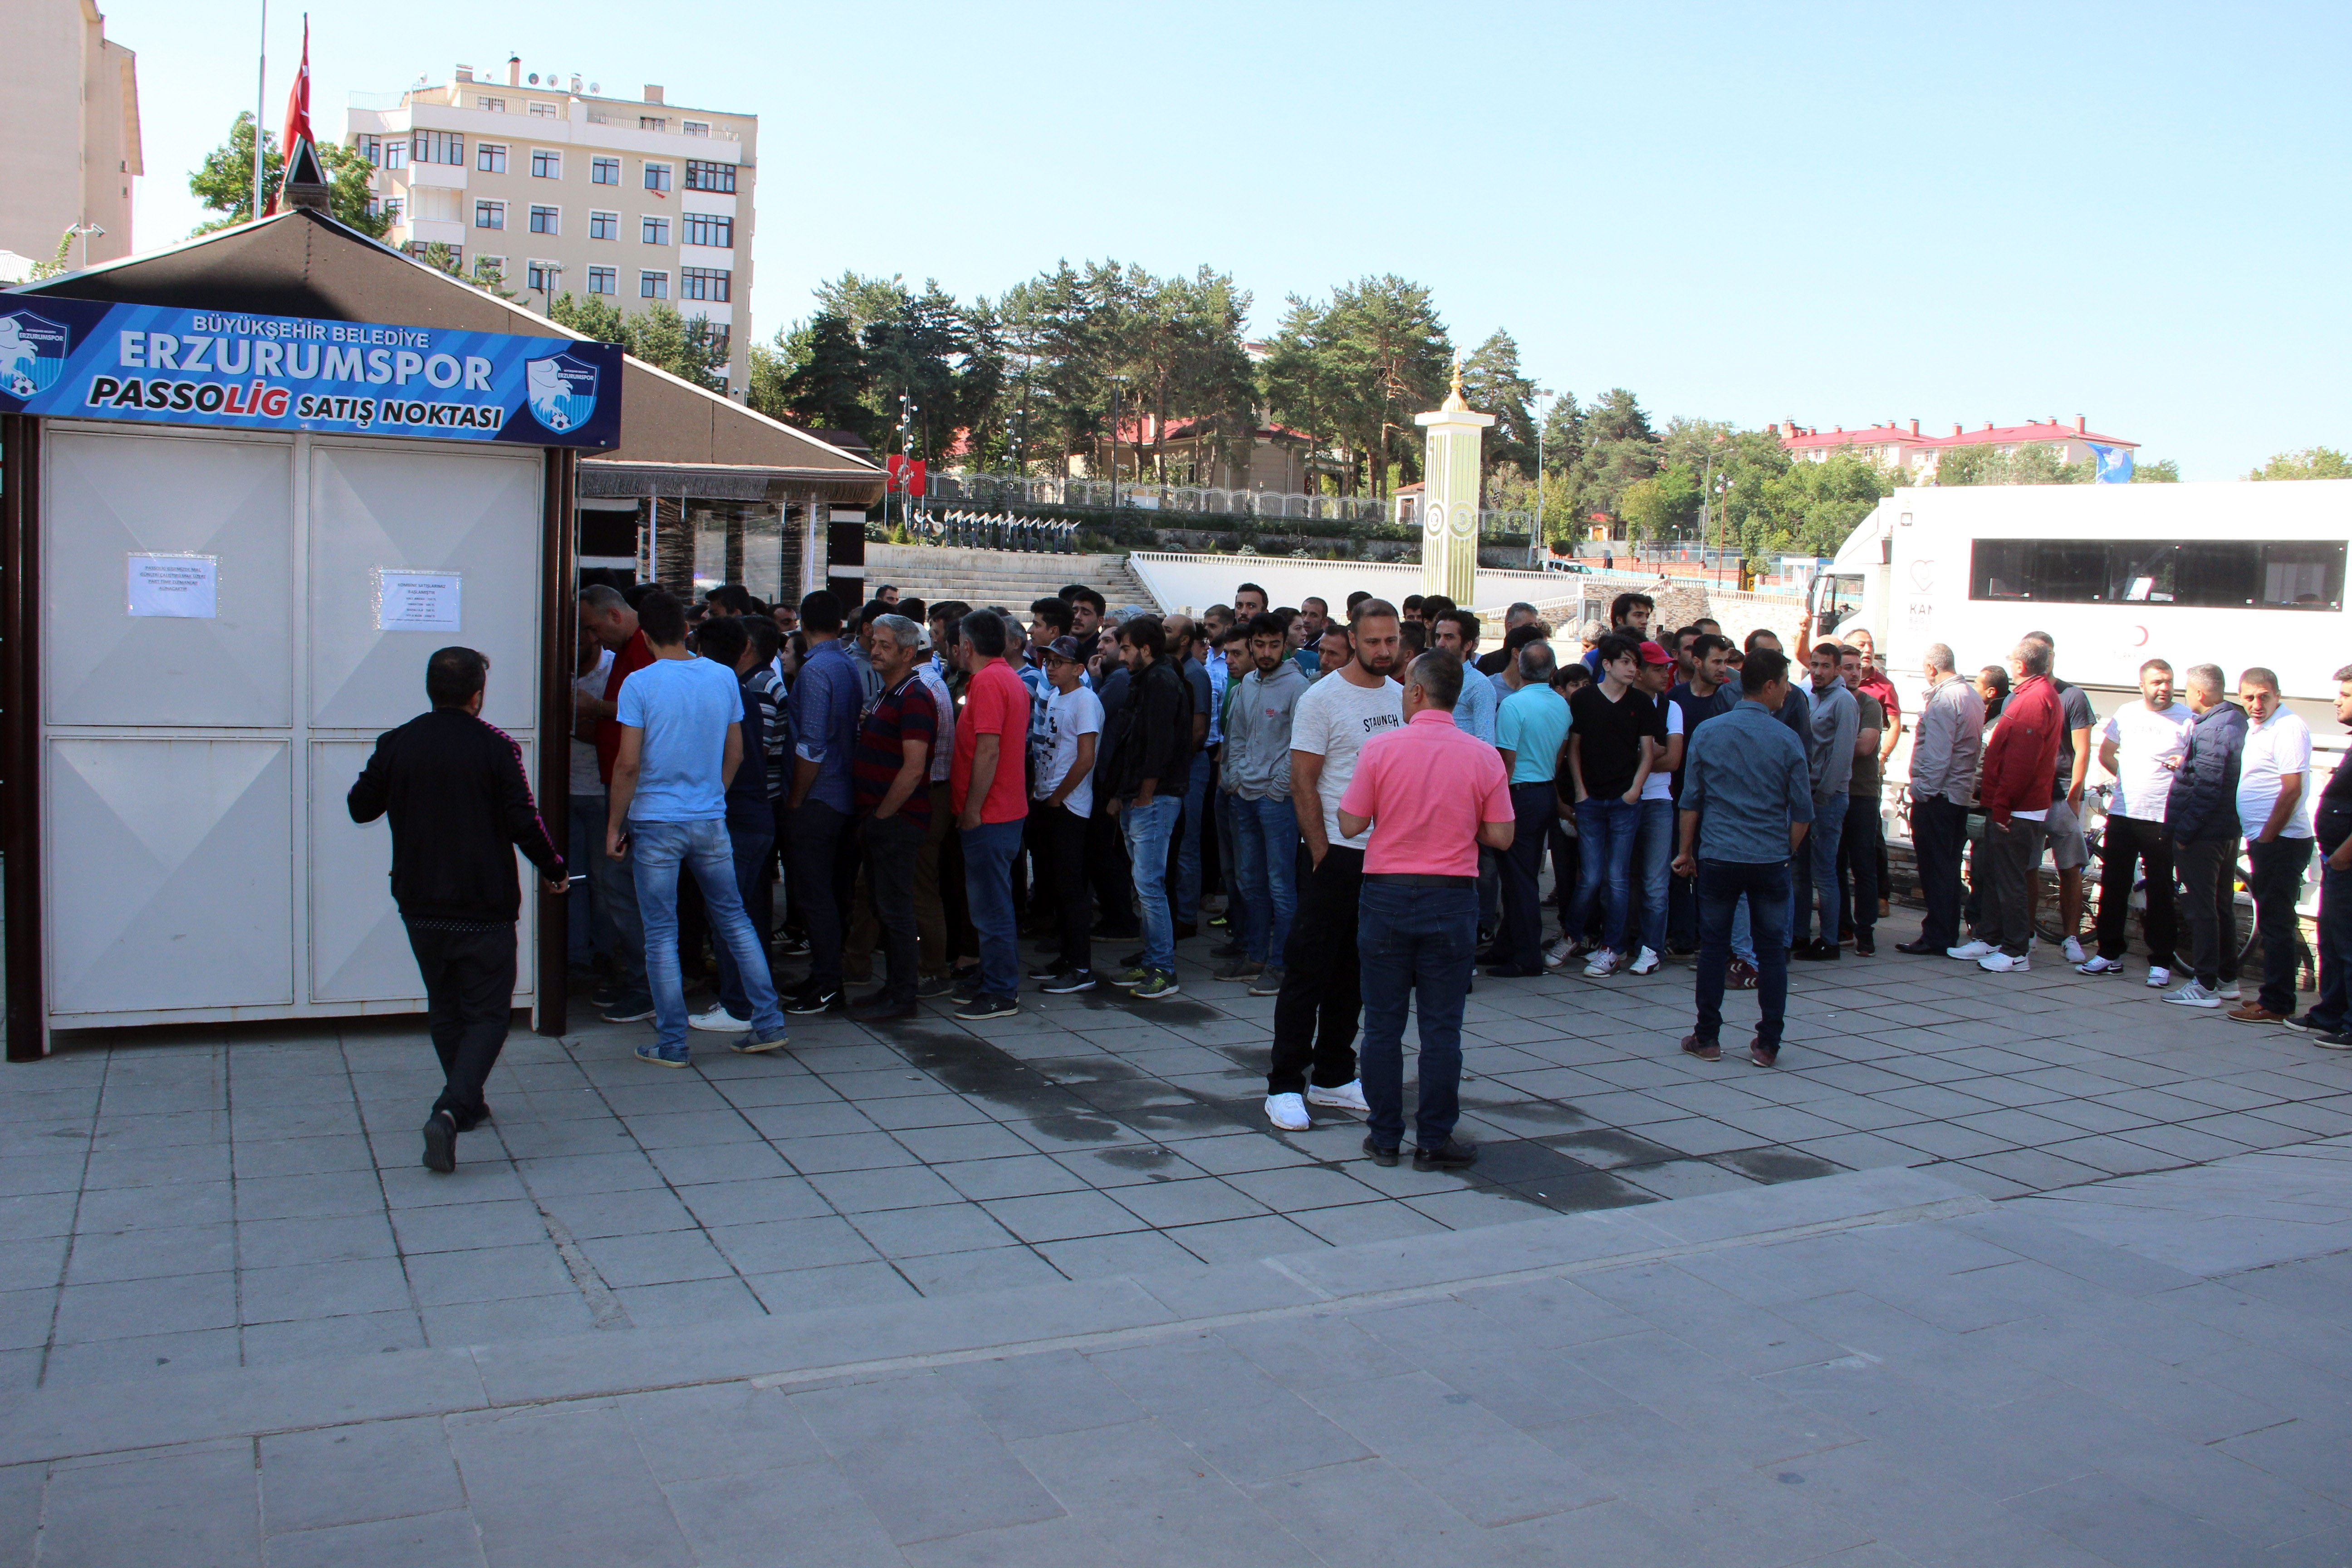 Erzurum'da Beşiktaş maçı biletlerine yoğun ilgi